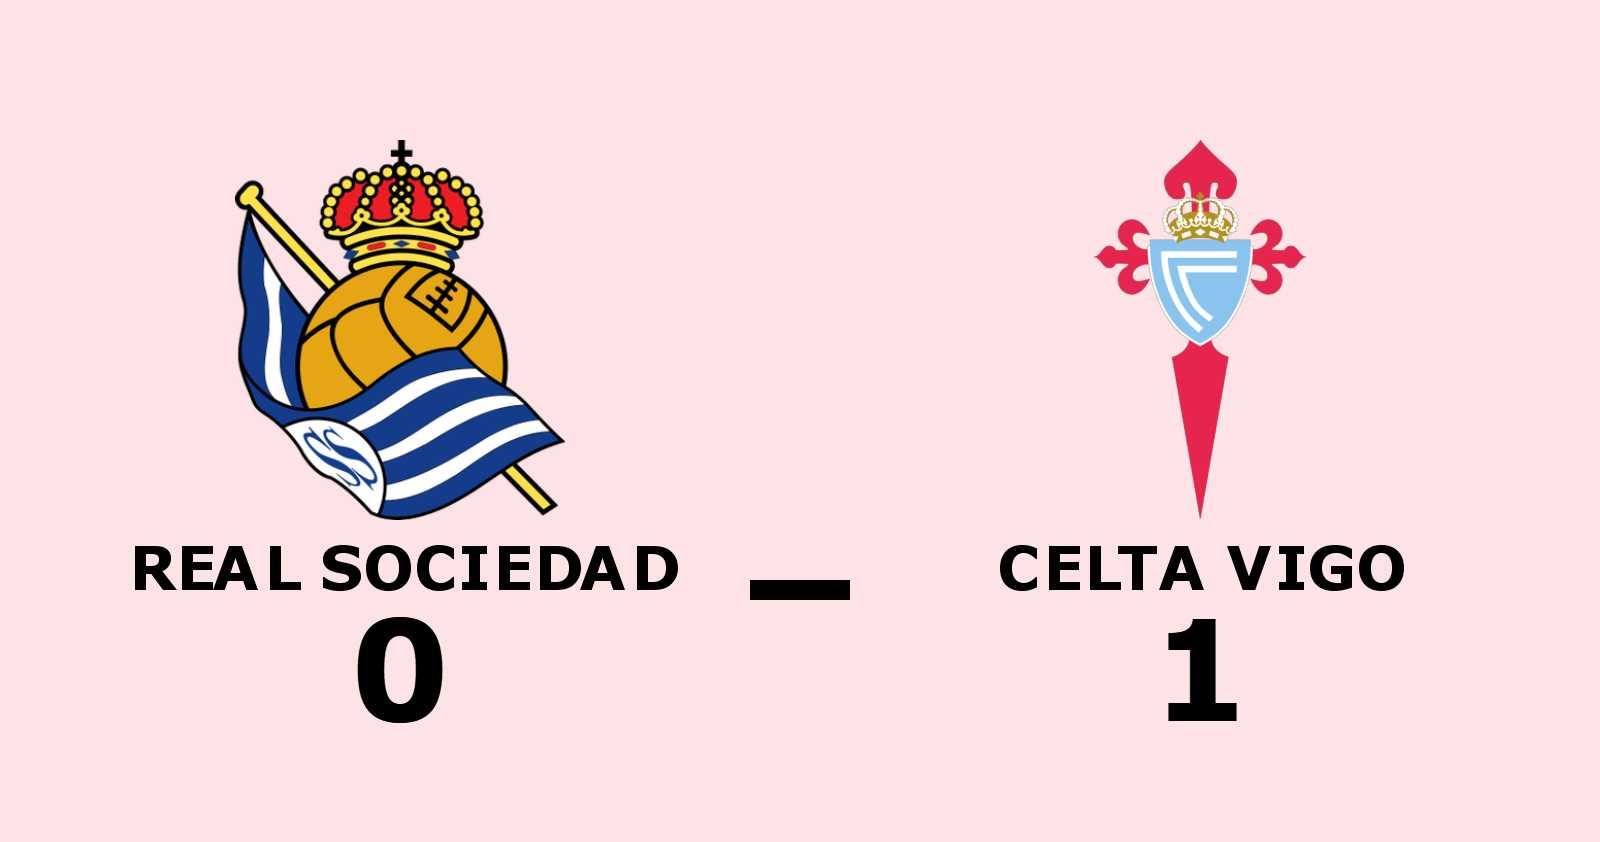 Iago Aspas målskytt när Celta Vigo sänkte Real Sociedad